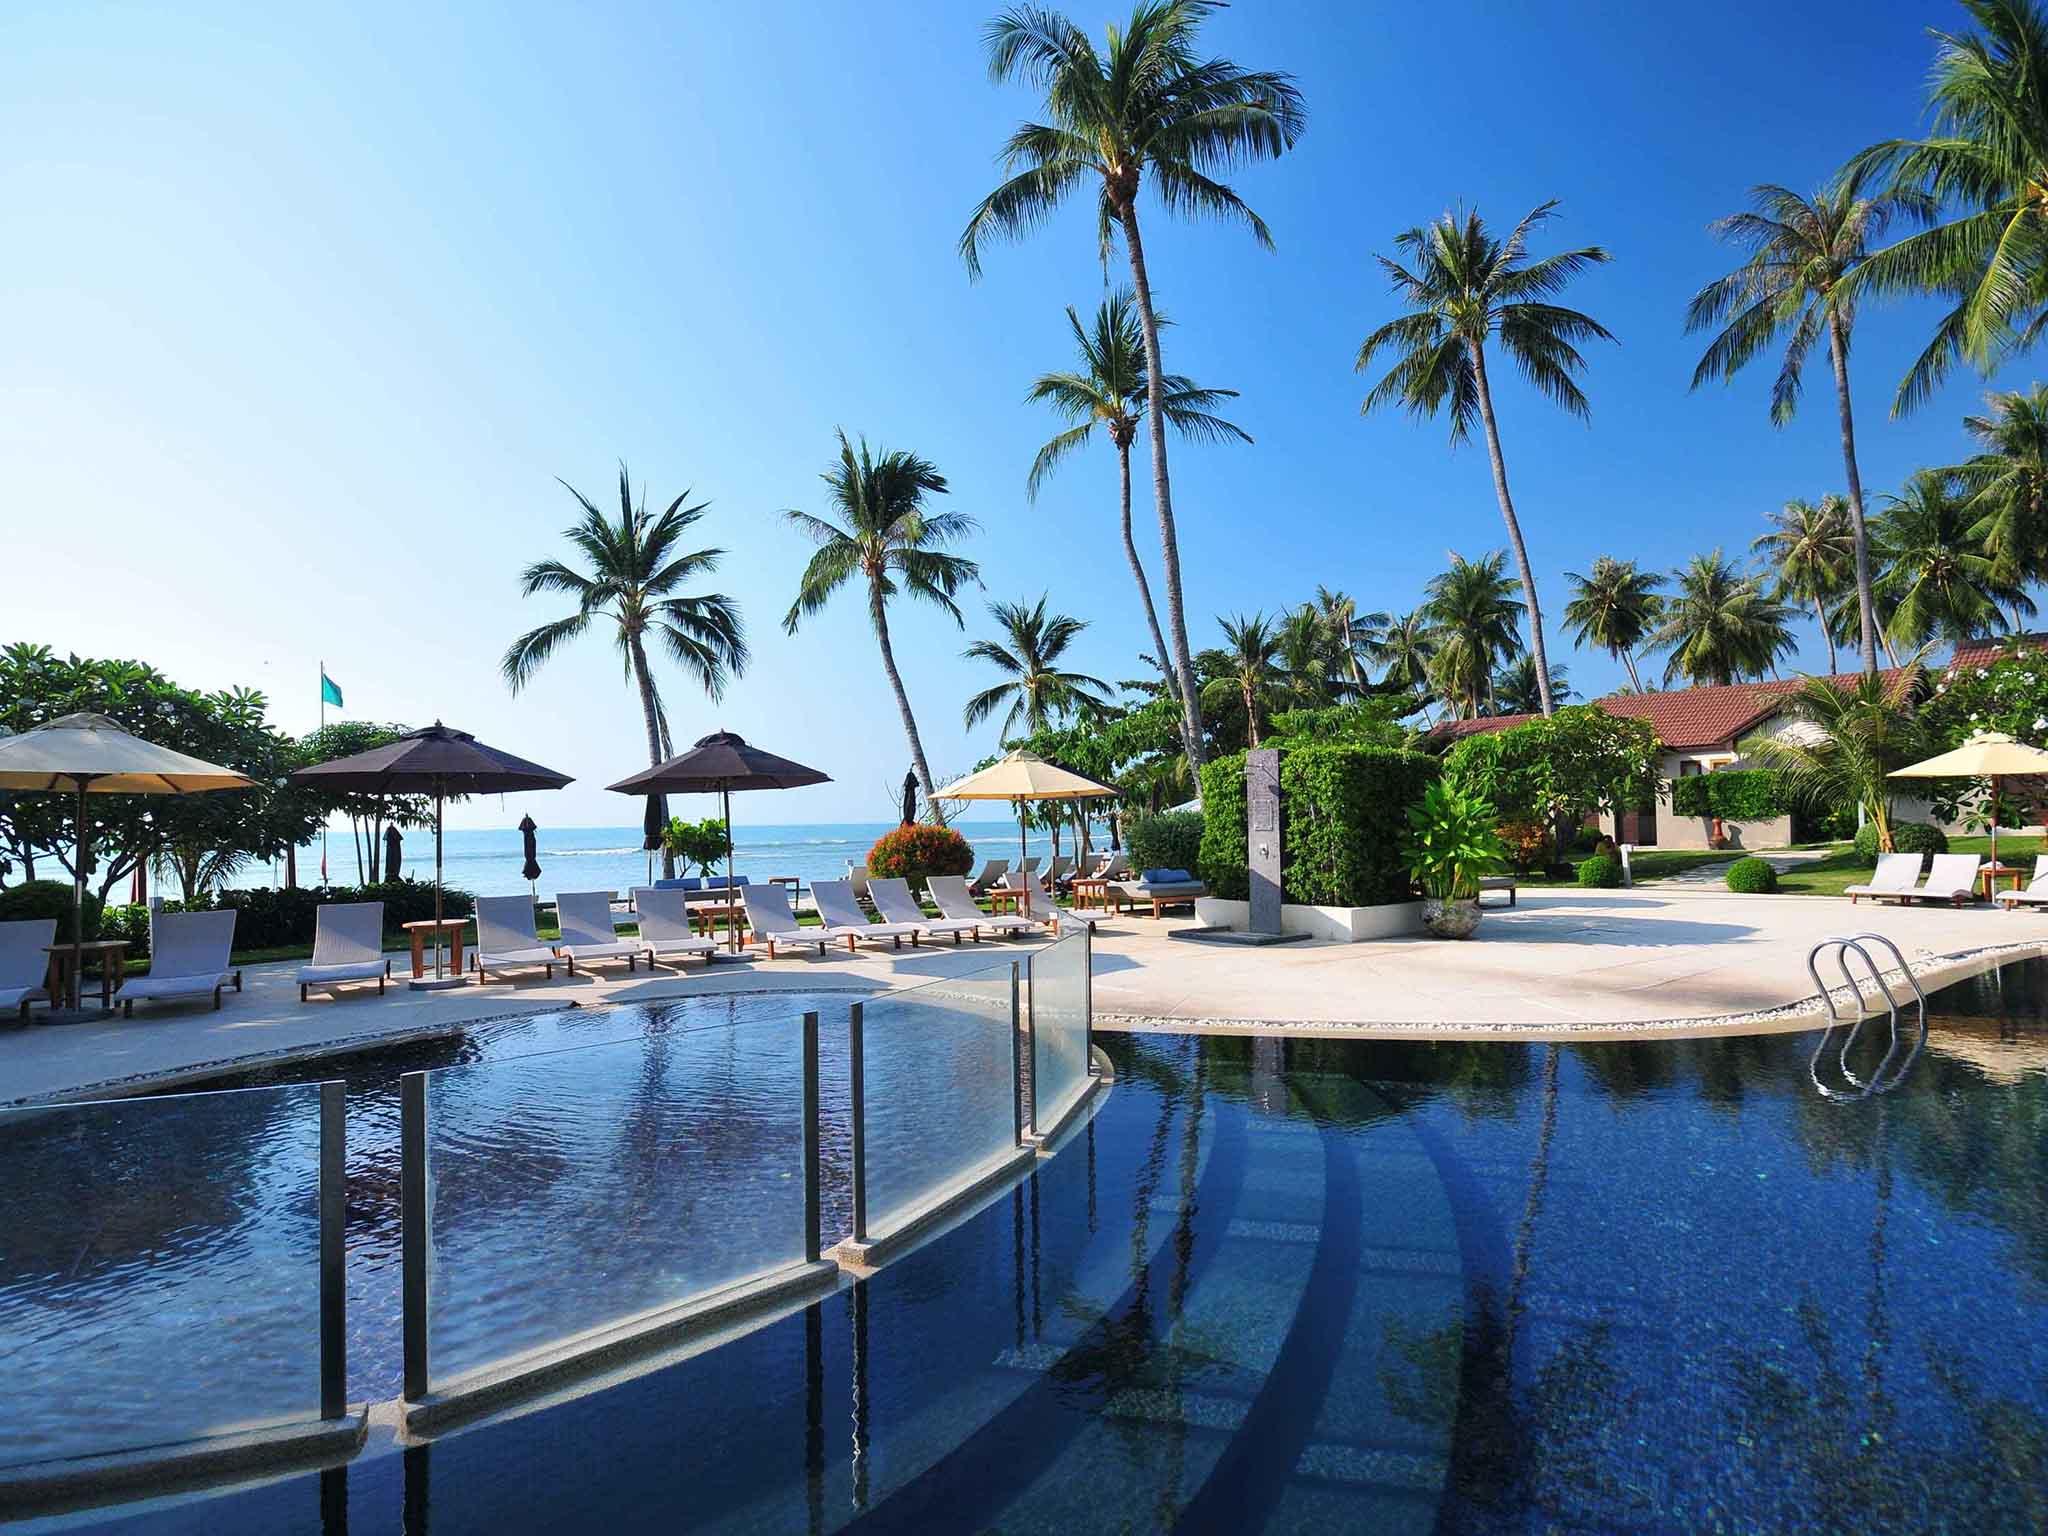 โรงแรม – เมอร์เคียว เกาะสมุย บีช รีสอร์ท